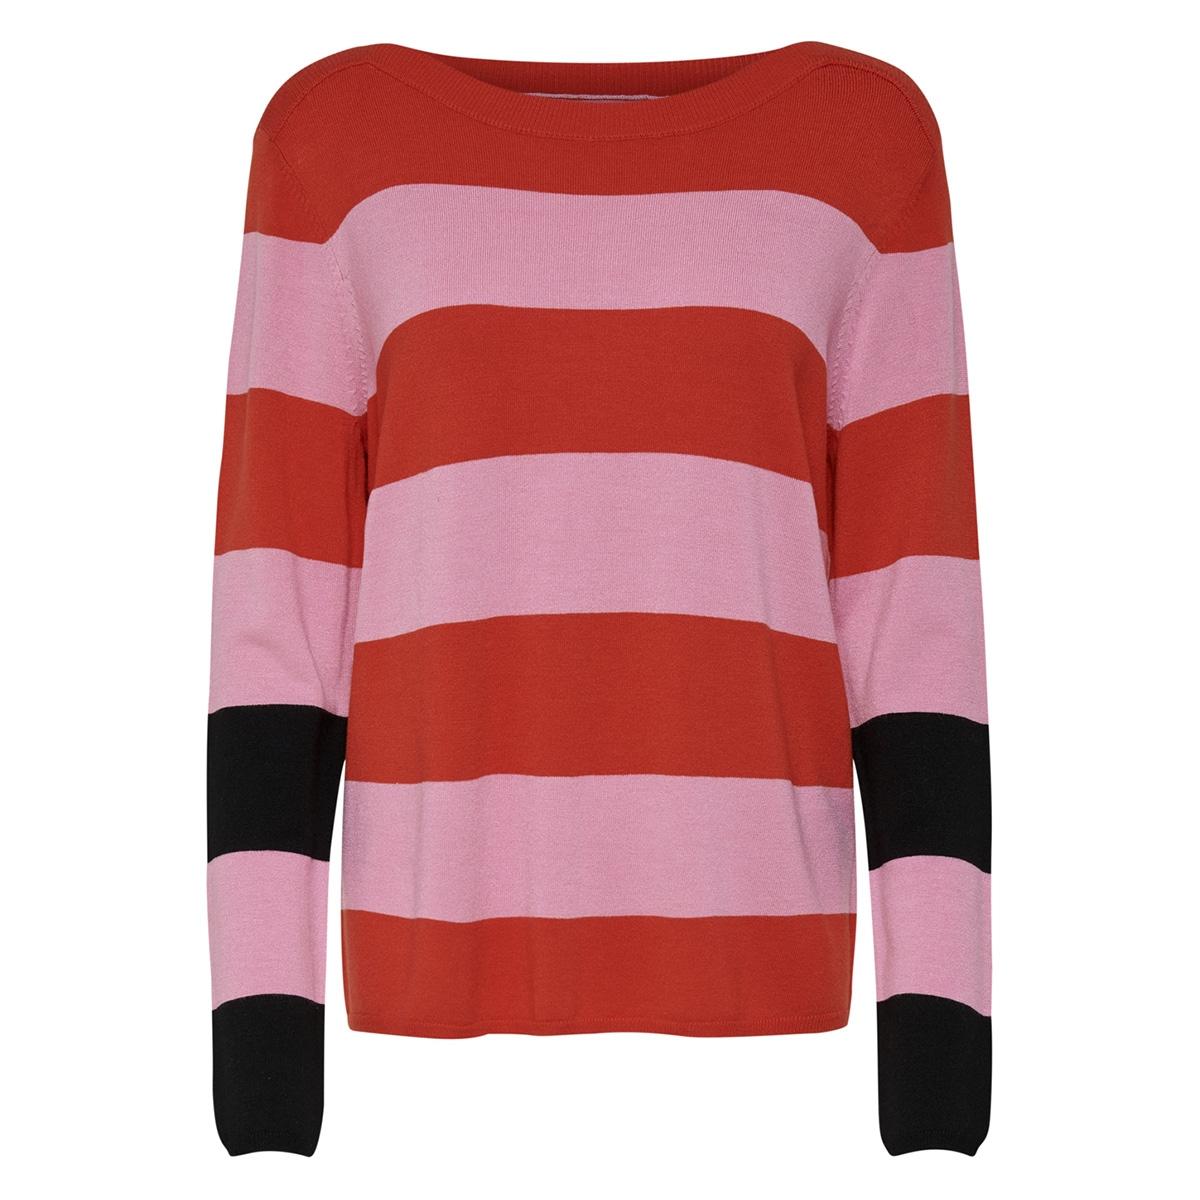 jdymax l/s pullover knt 15168553 jacqueline de yong trui rosebloom/fiery red